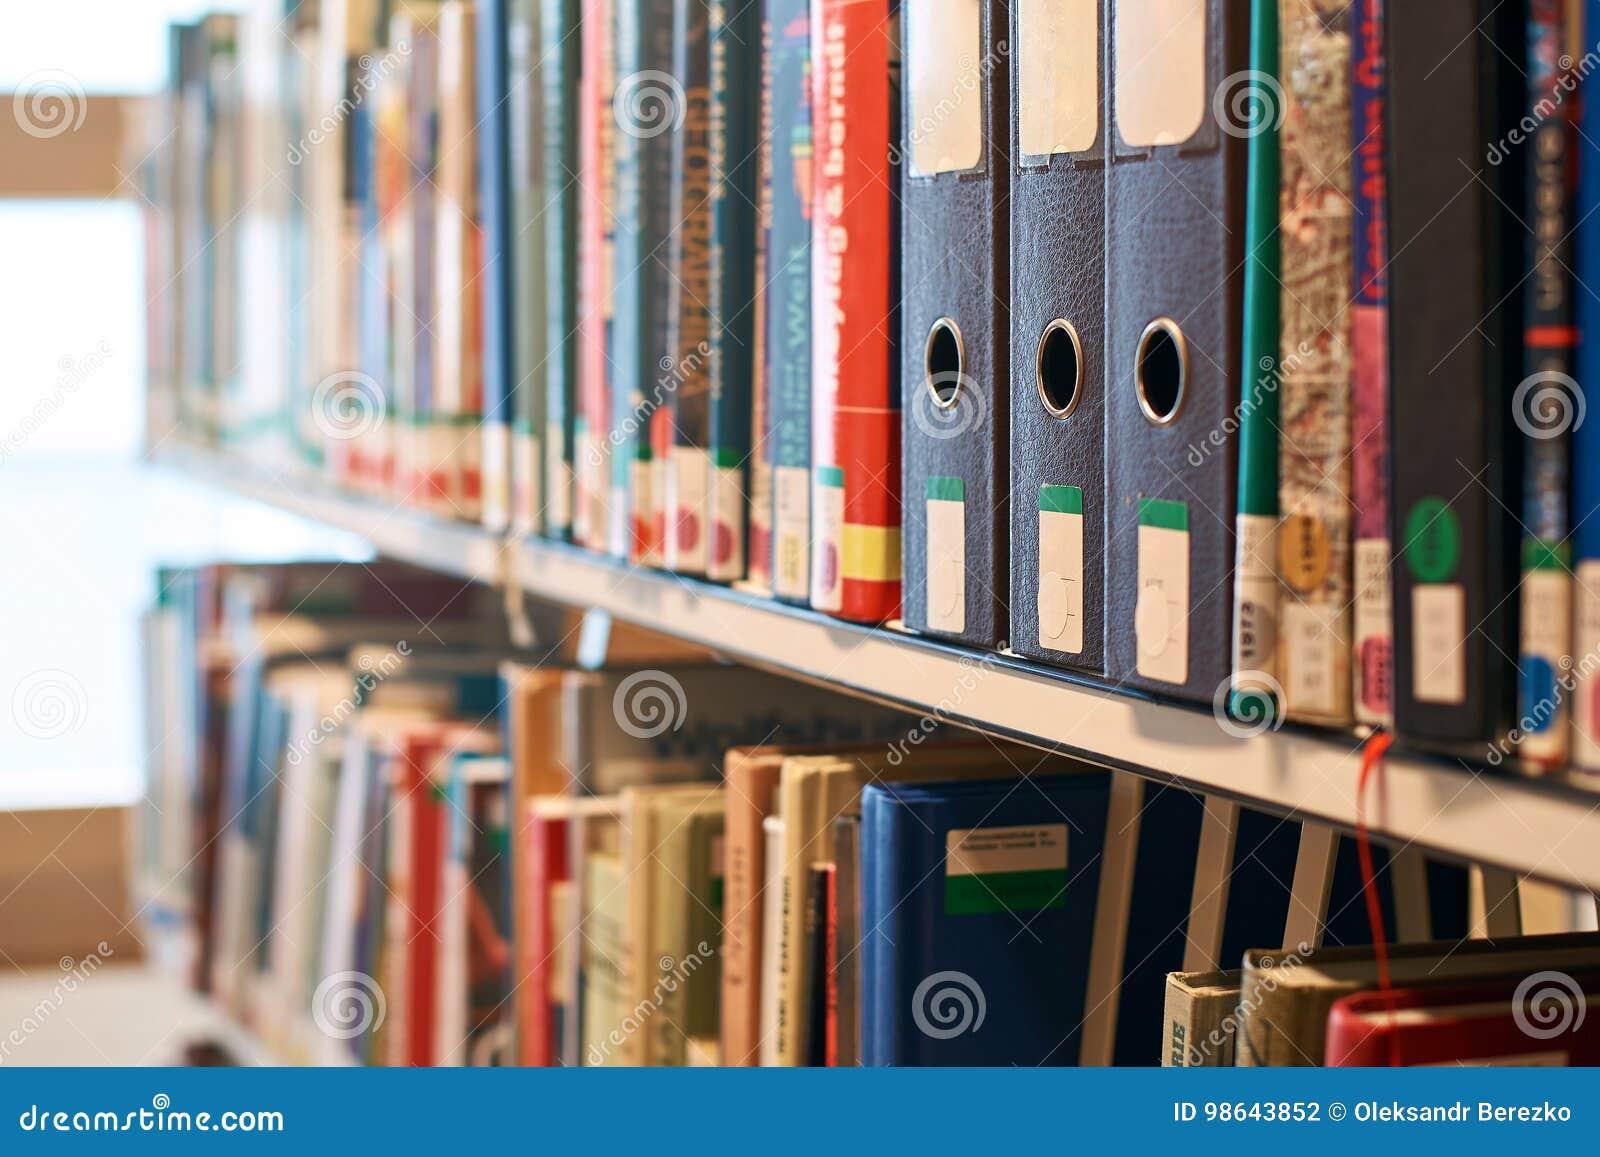 箱子在一个书架的文件夹在图书馆里